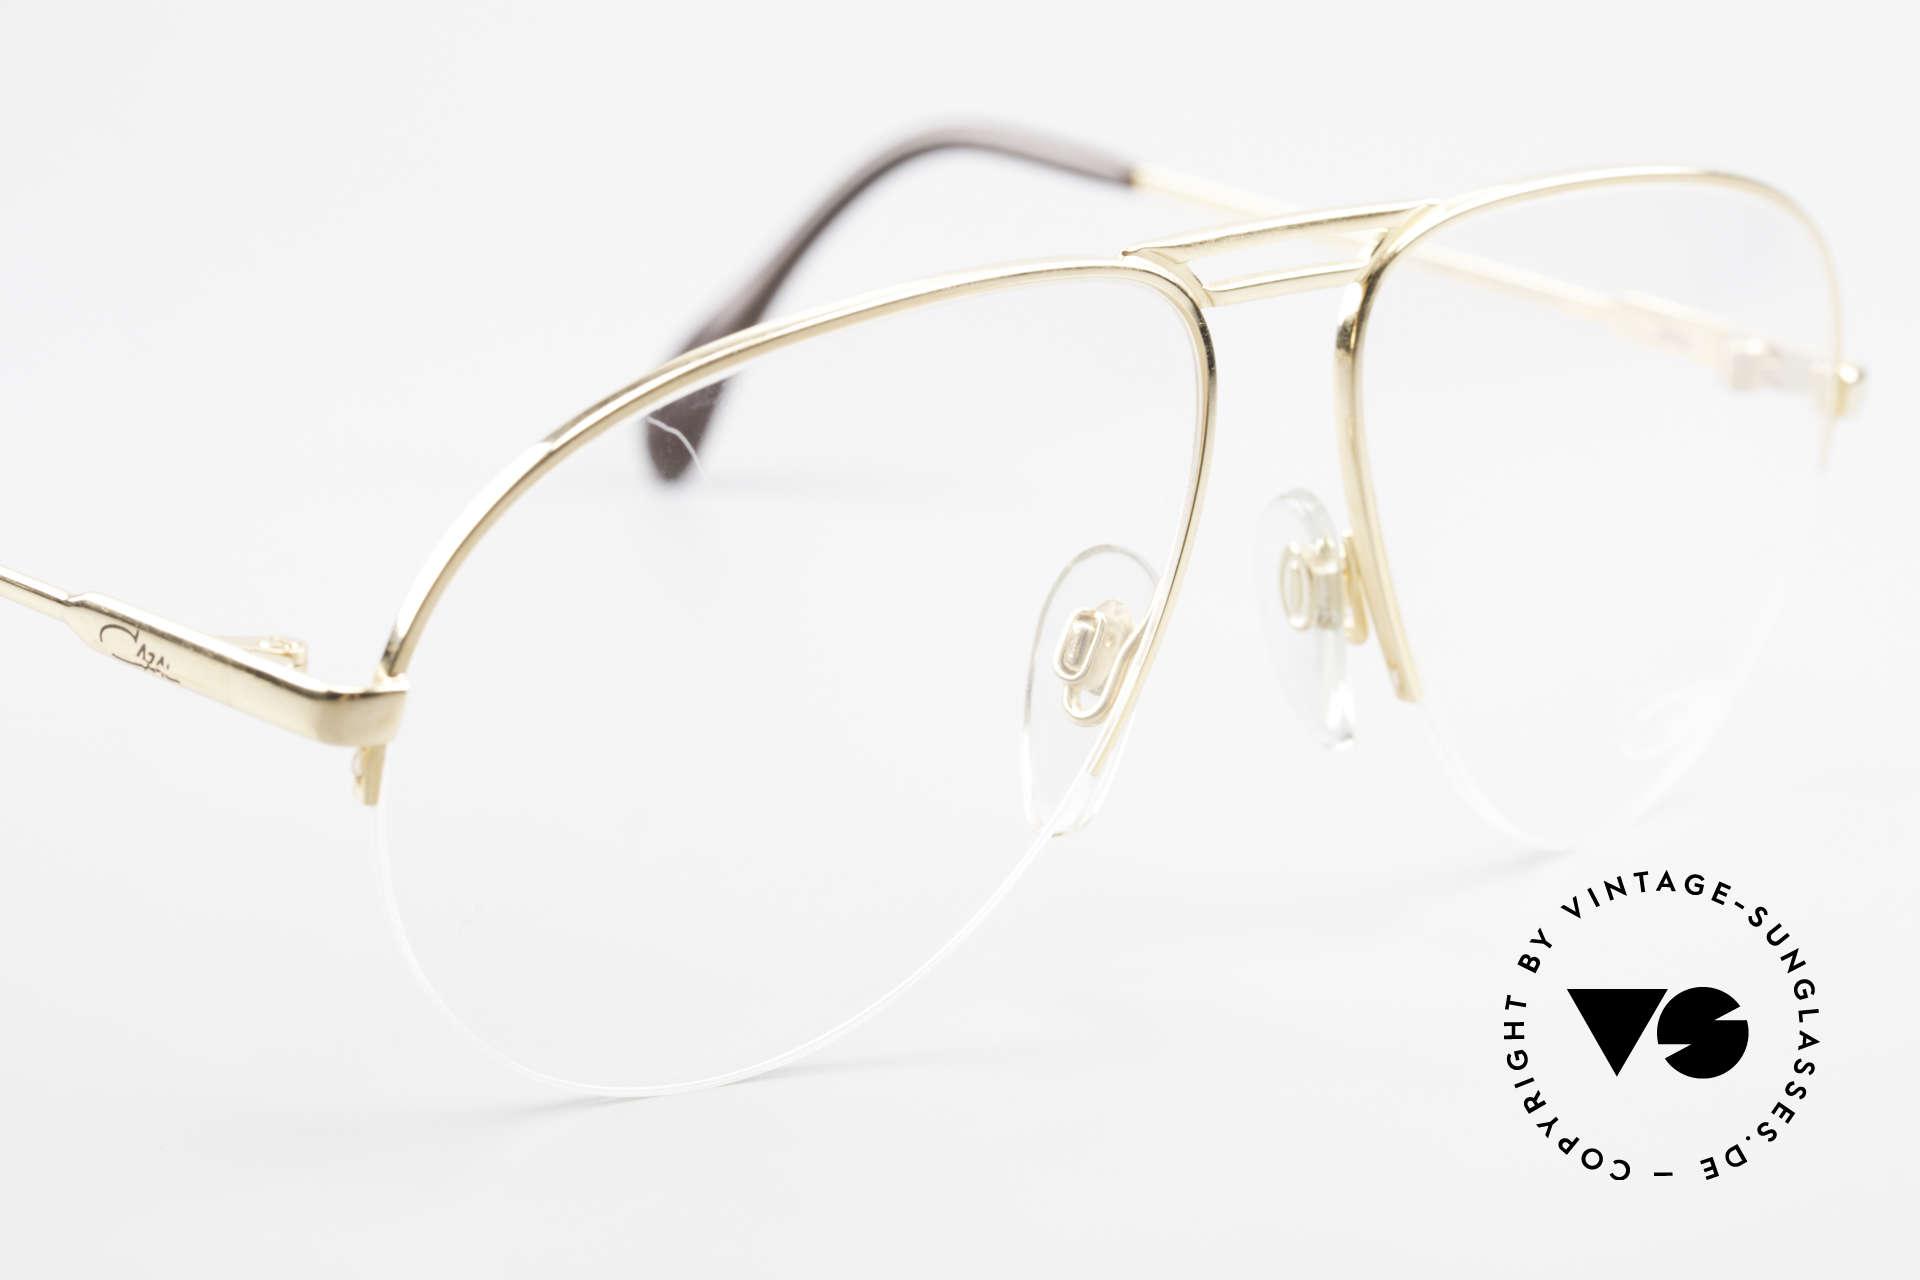 Cazal 726 West Germany Pilotenbrille, KEIN Retro; ein 80er West Germany Modell, Passend für Herren